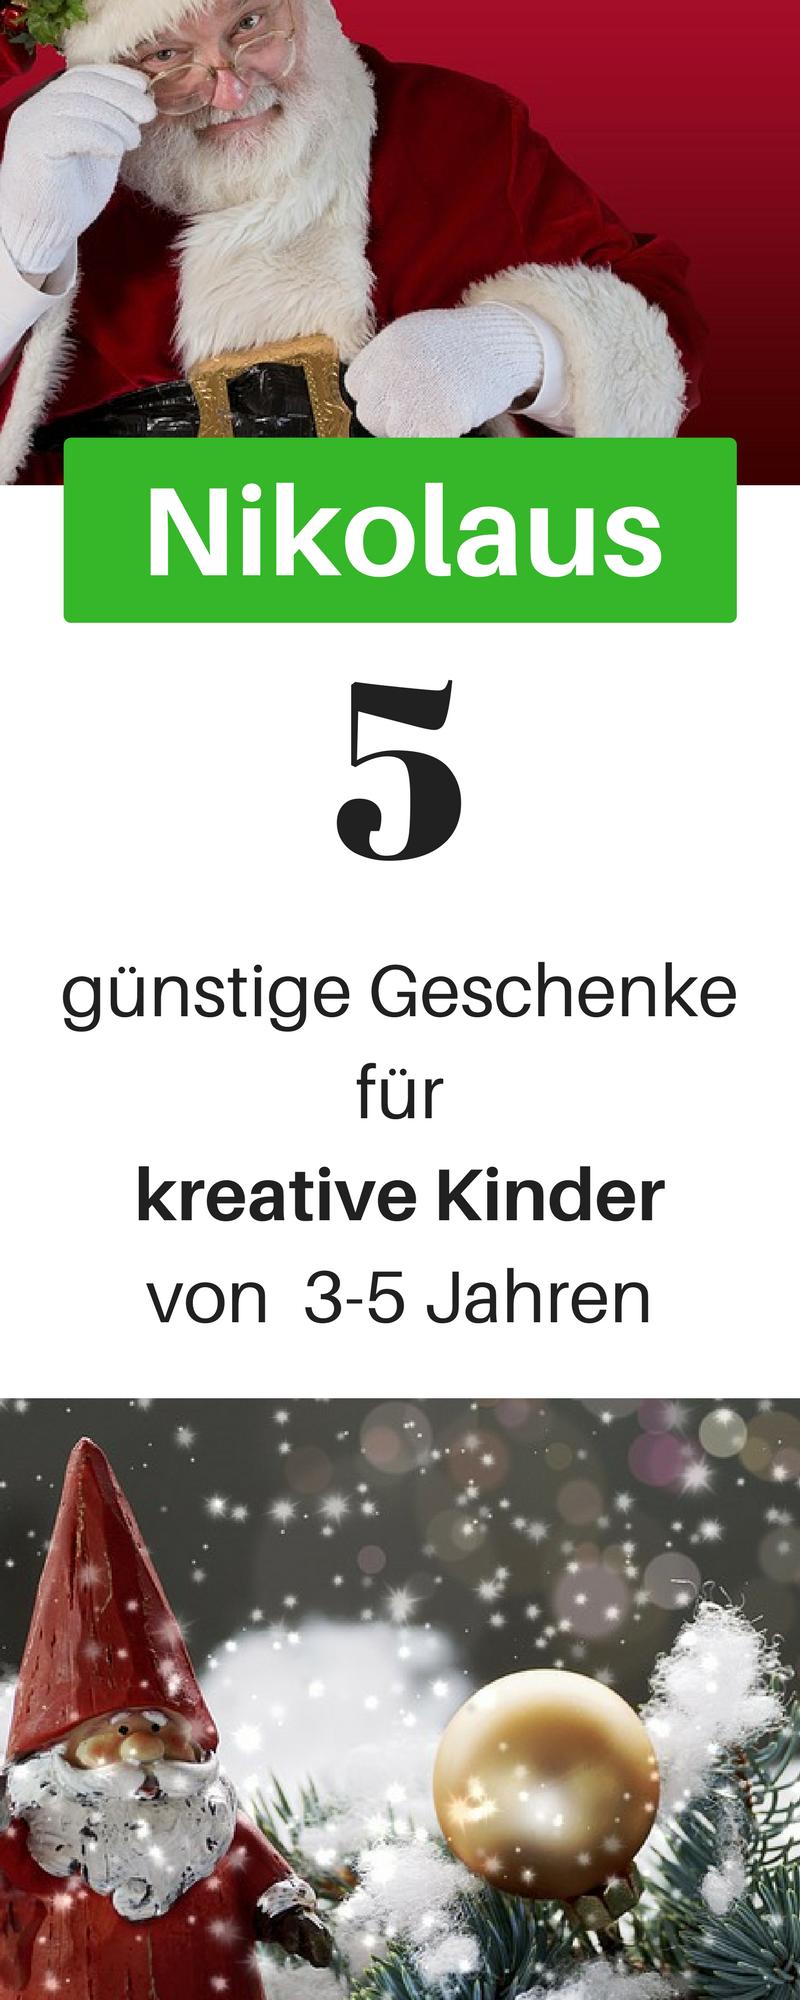 Nikolaus Geschenke für kreative Kinder zwischen 3 - 5 Jahren ...